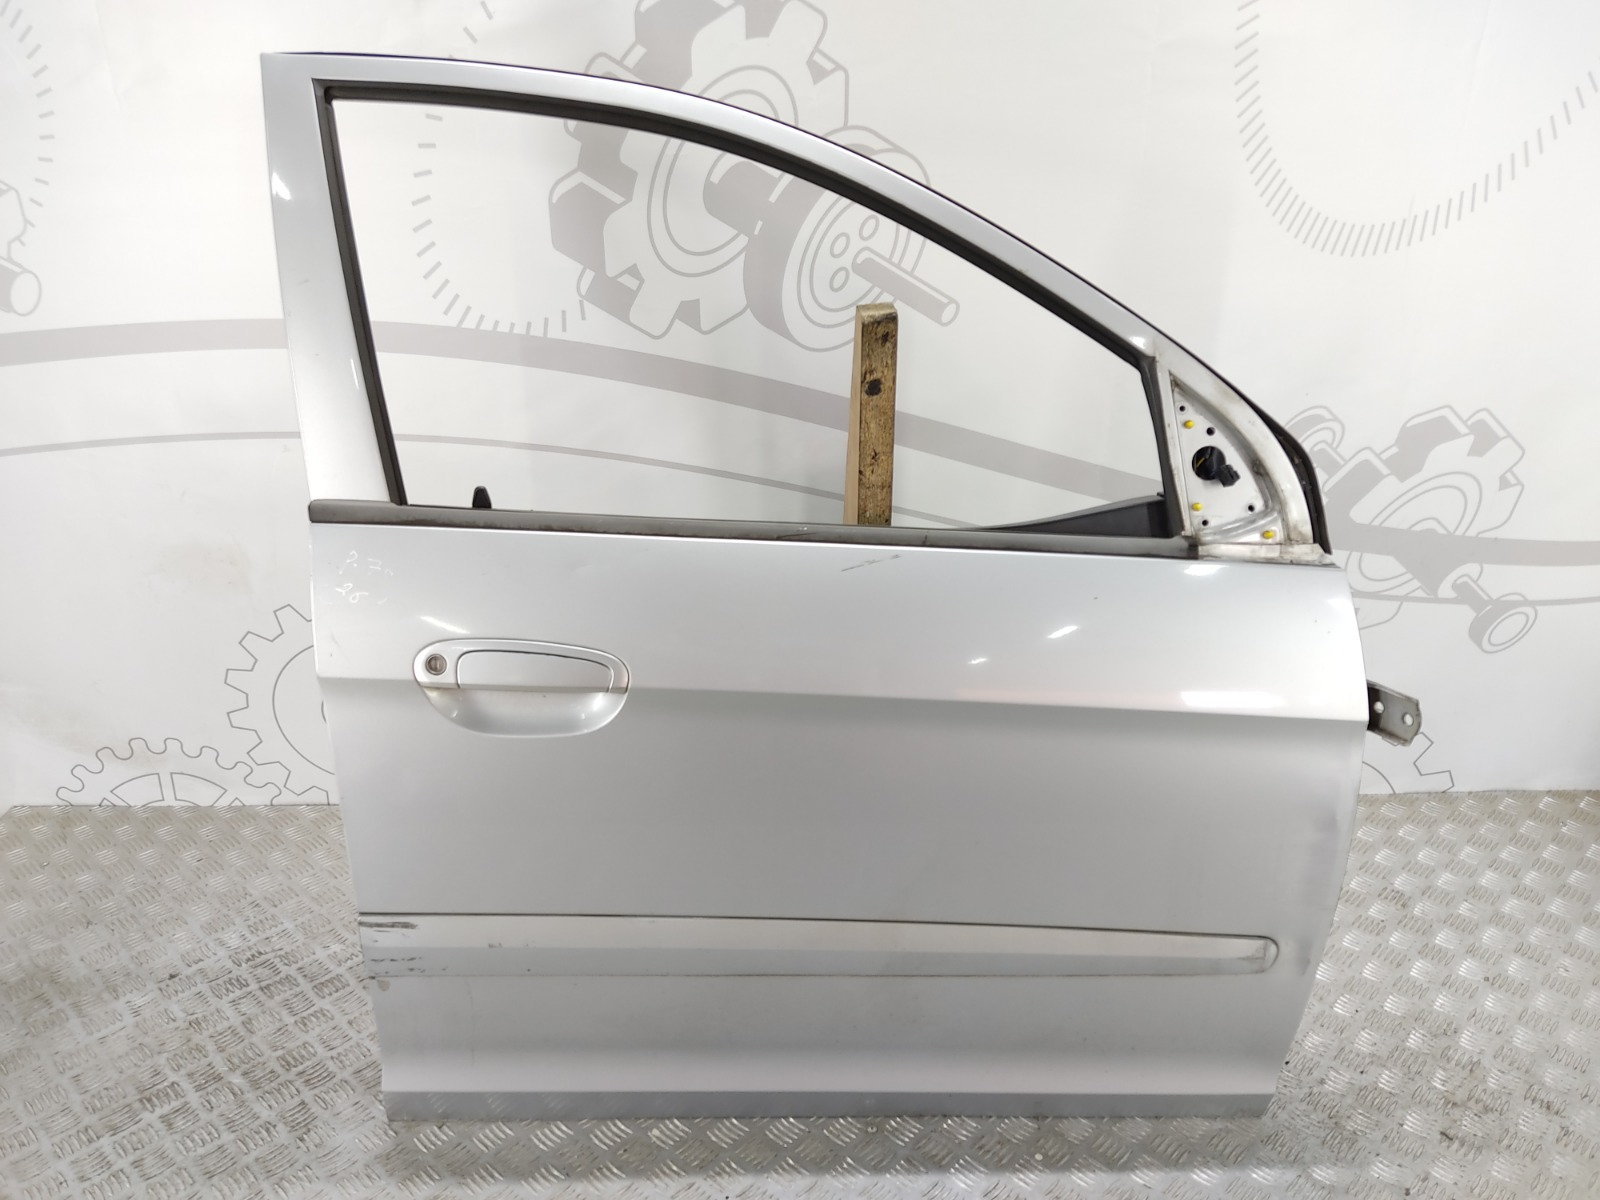 Дверь передняя правая Kia Picanto 1.1 I 2004 (б/у)